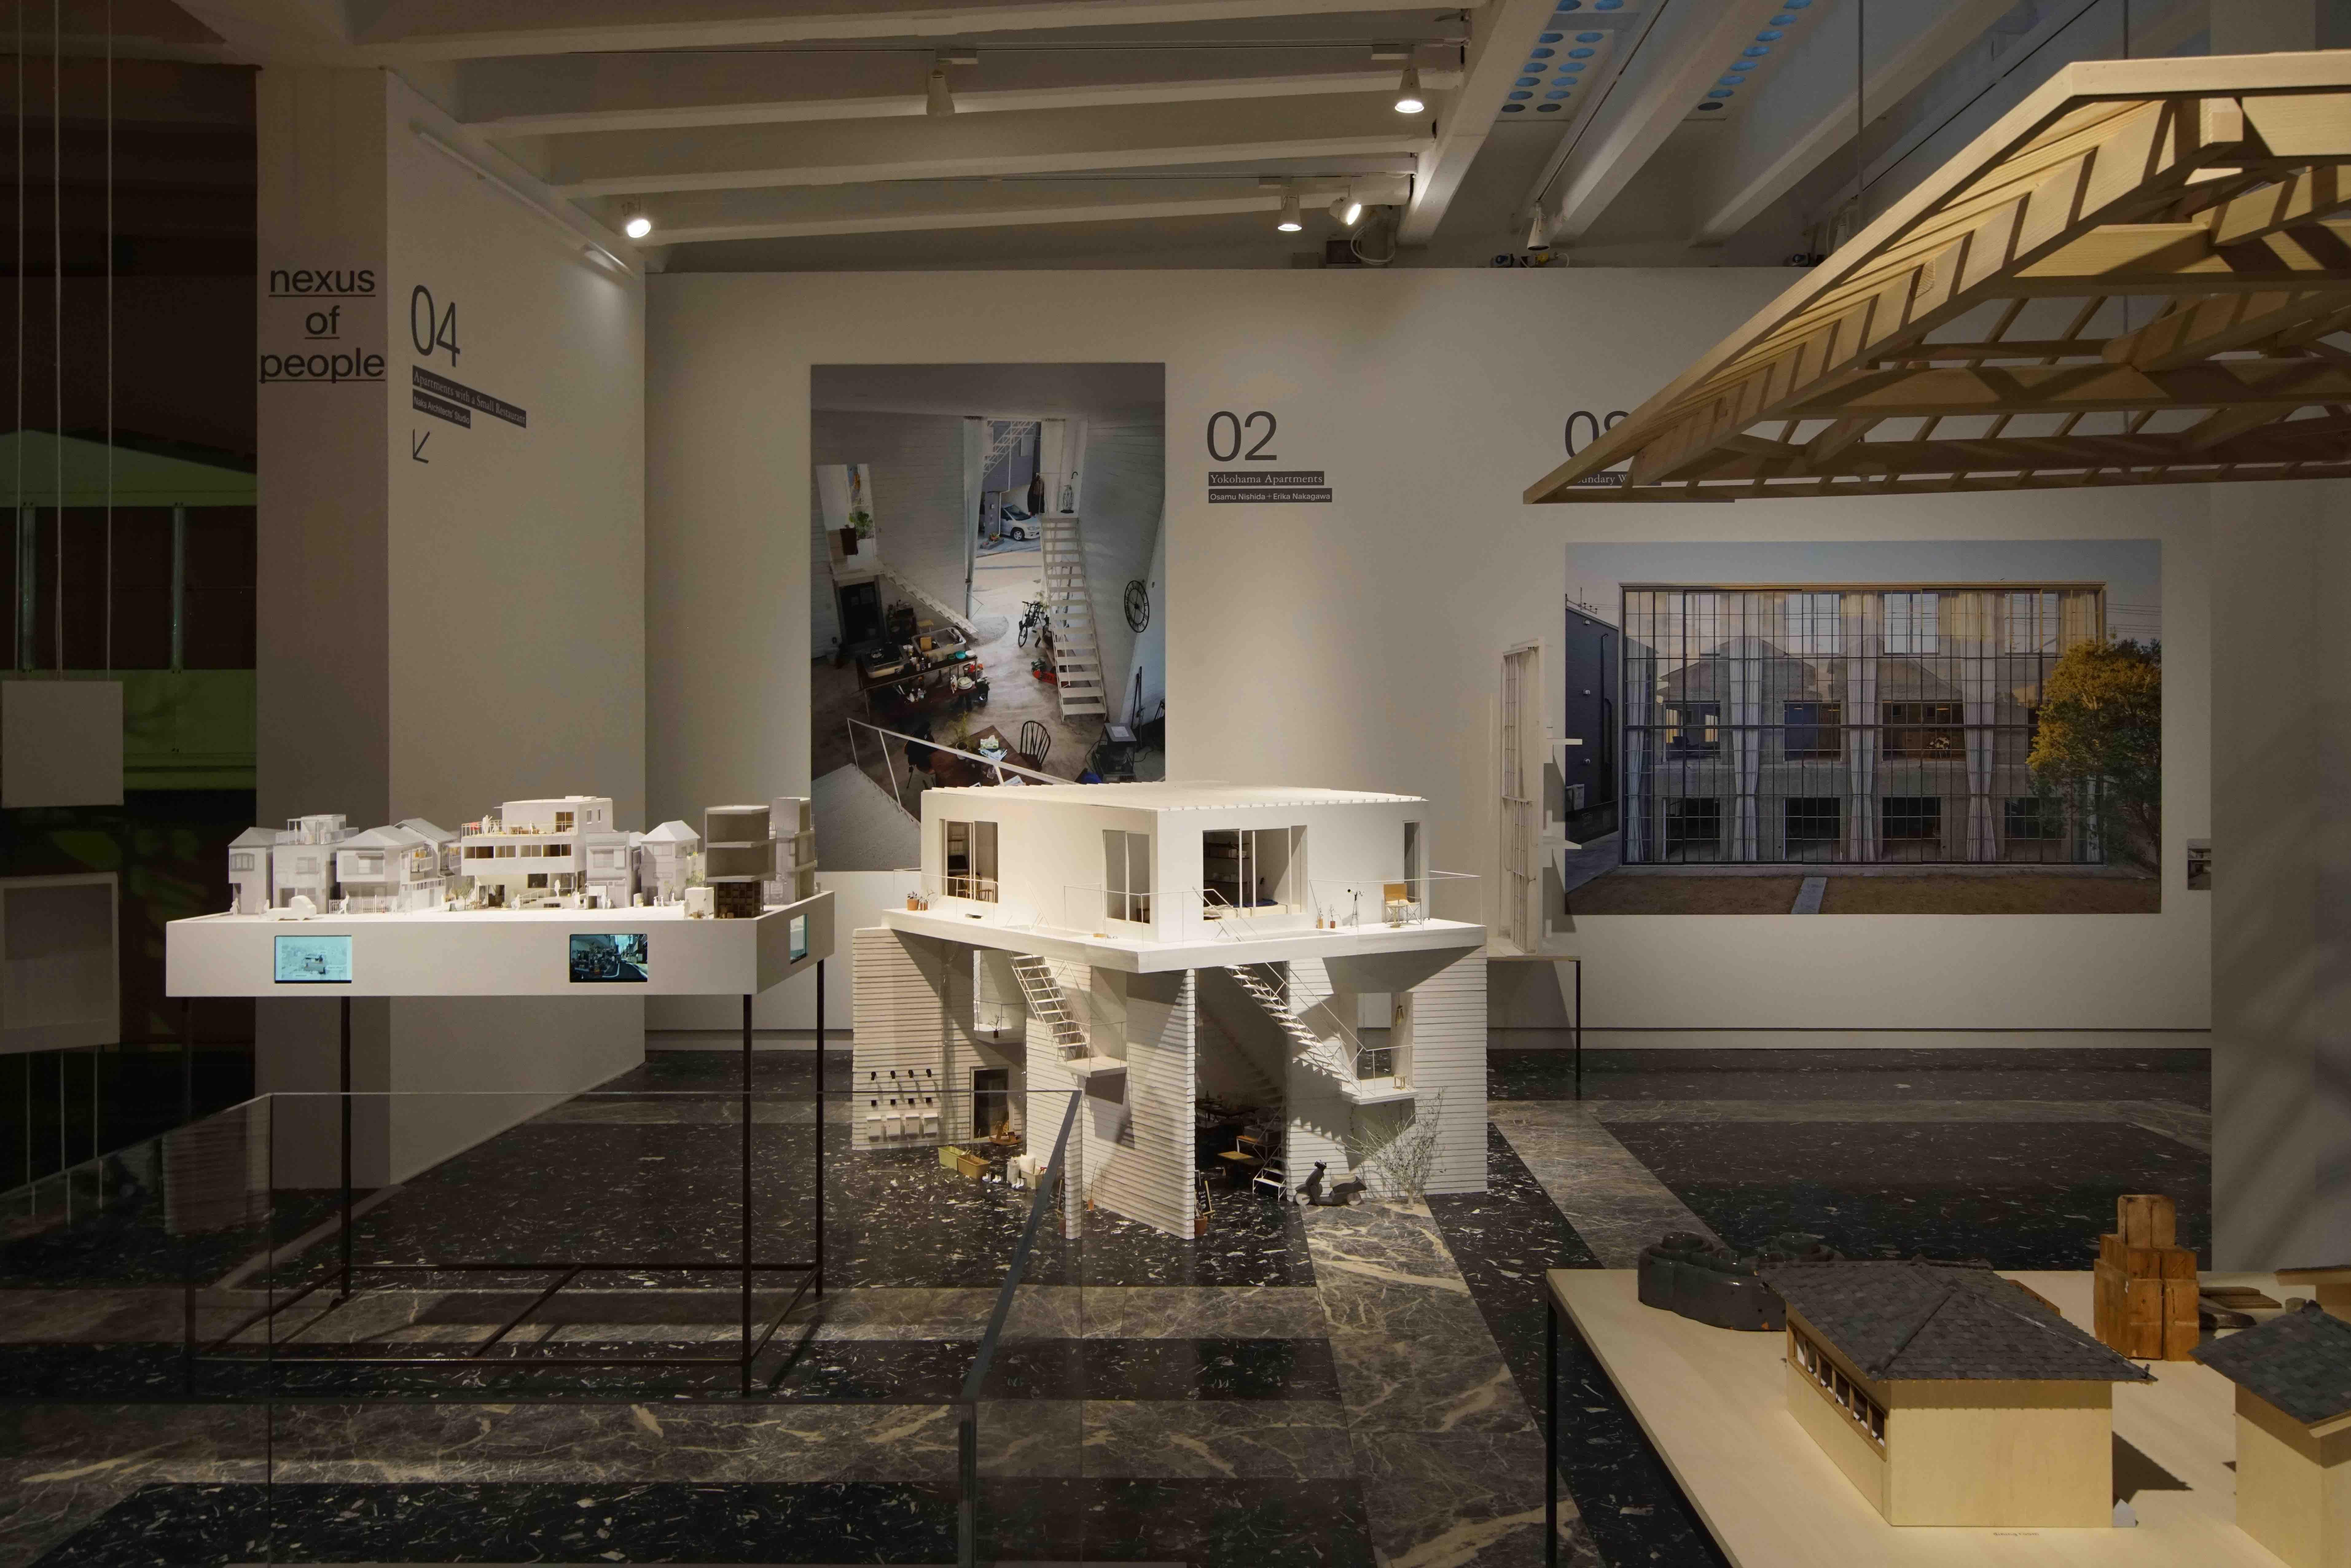 第15回ヴェネチアビエンナーレ国際建築展の日本の展示会場。